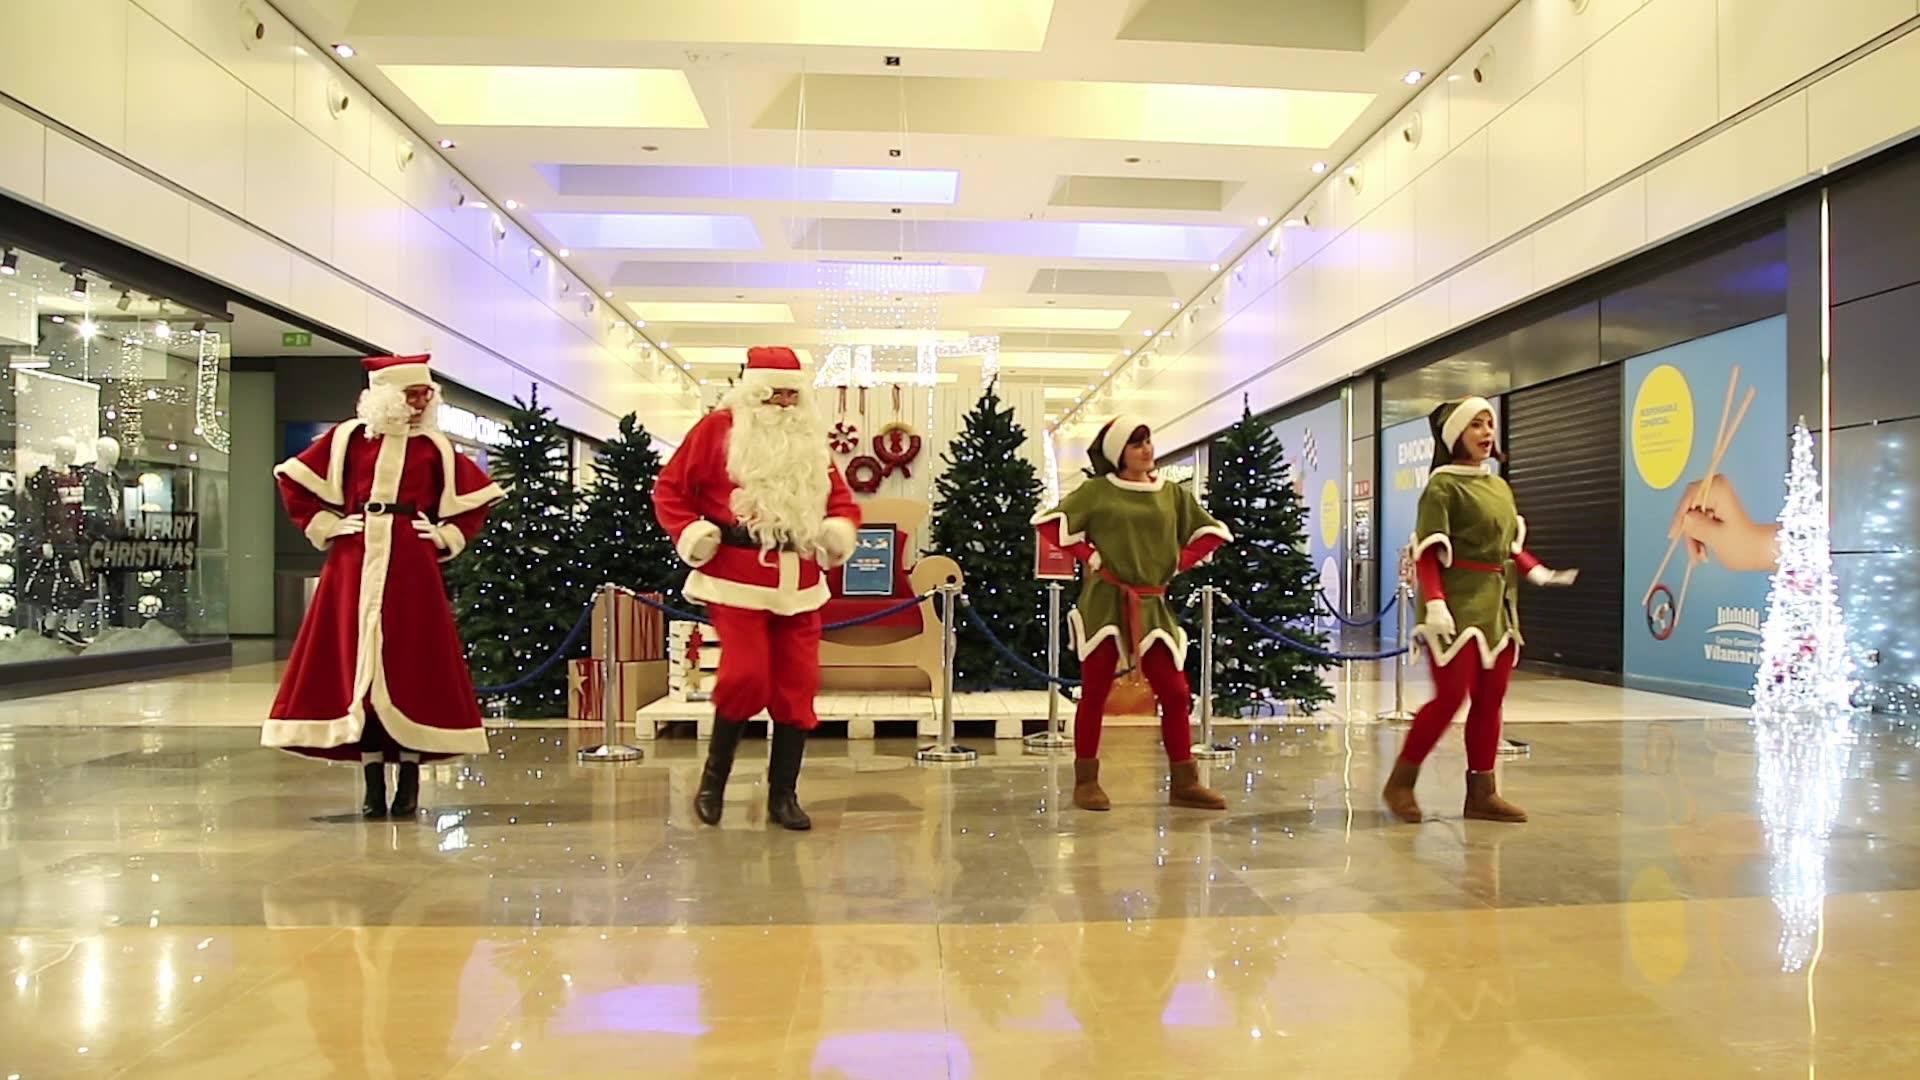 ¡La visita de Papá Noel, Mamá Noel y sus elfas dio mucho de sí! No te pierdas el show de baile que hicieron. ¿Ya te sabes todos los pasos? 😁👞🎶